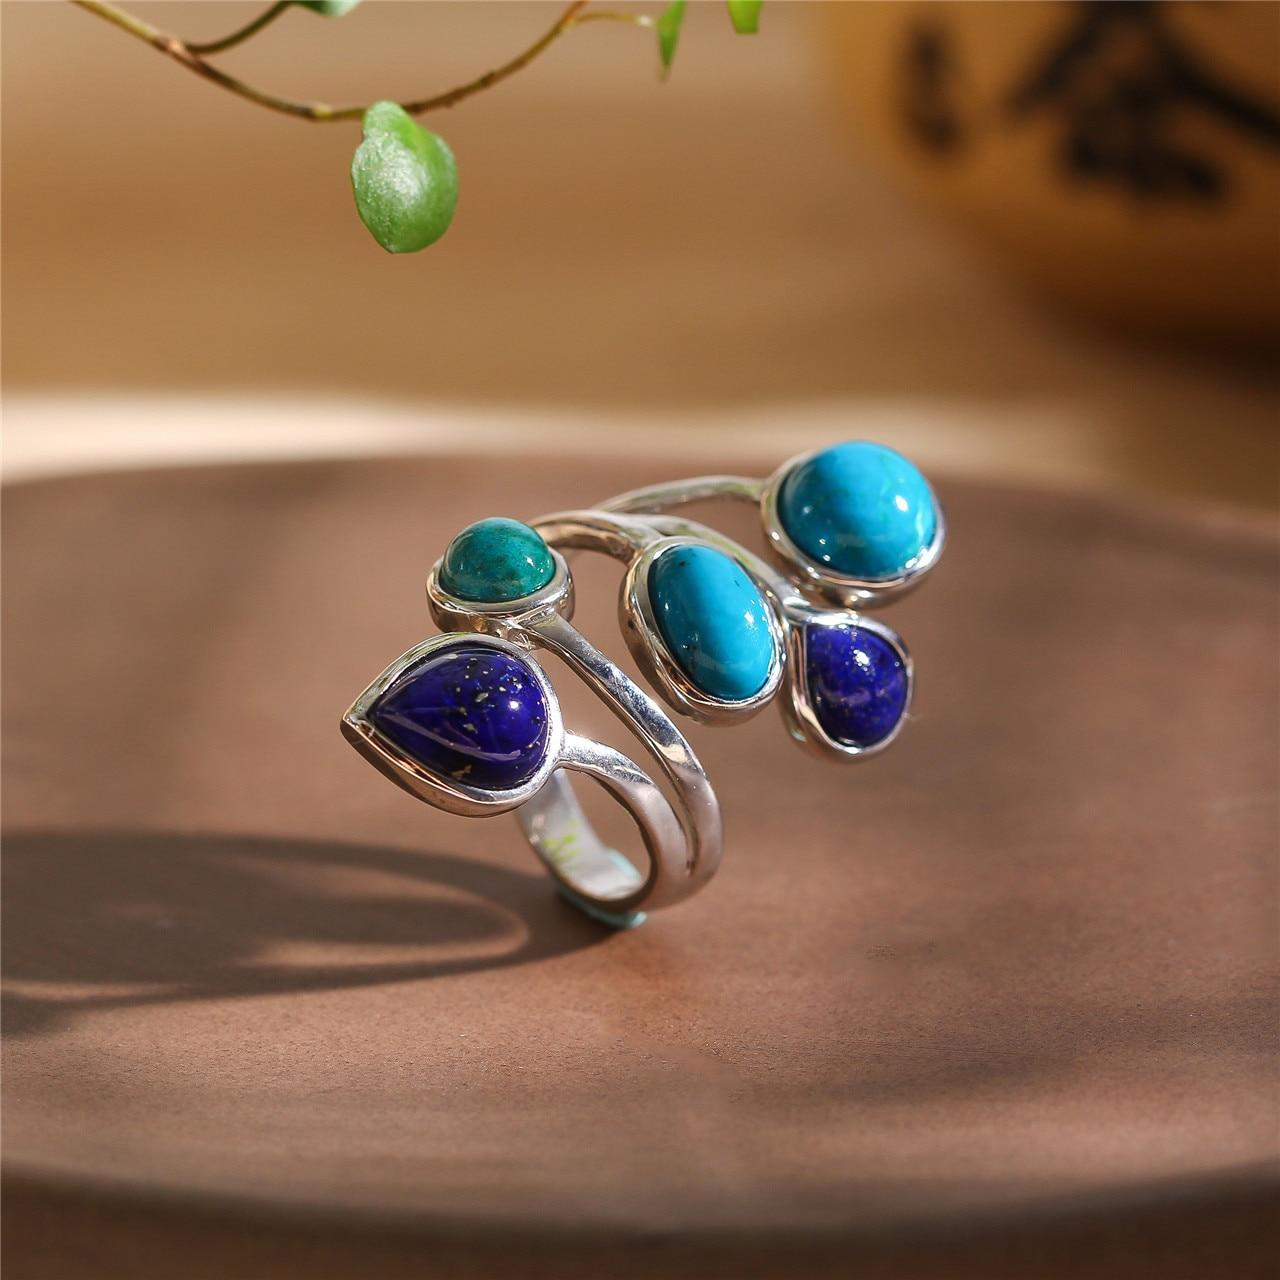 S925 pur argent bijoux mode et élégante femme phoenix pierre collocation lapis anneau - 3